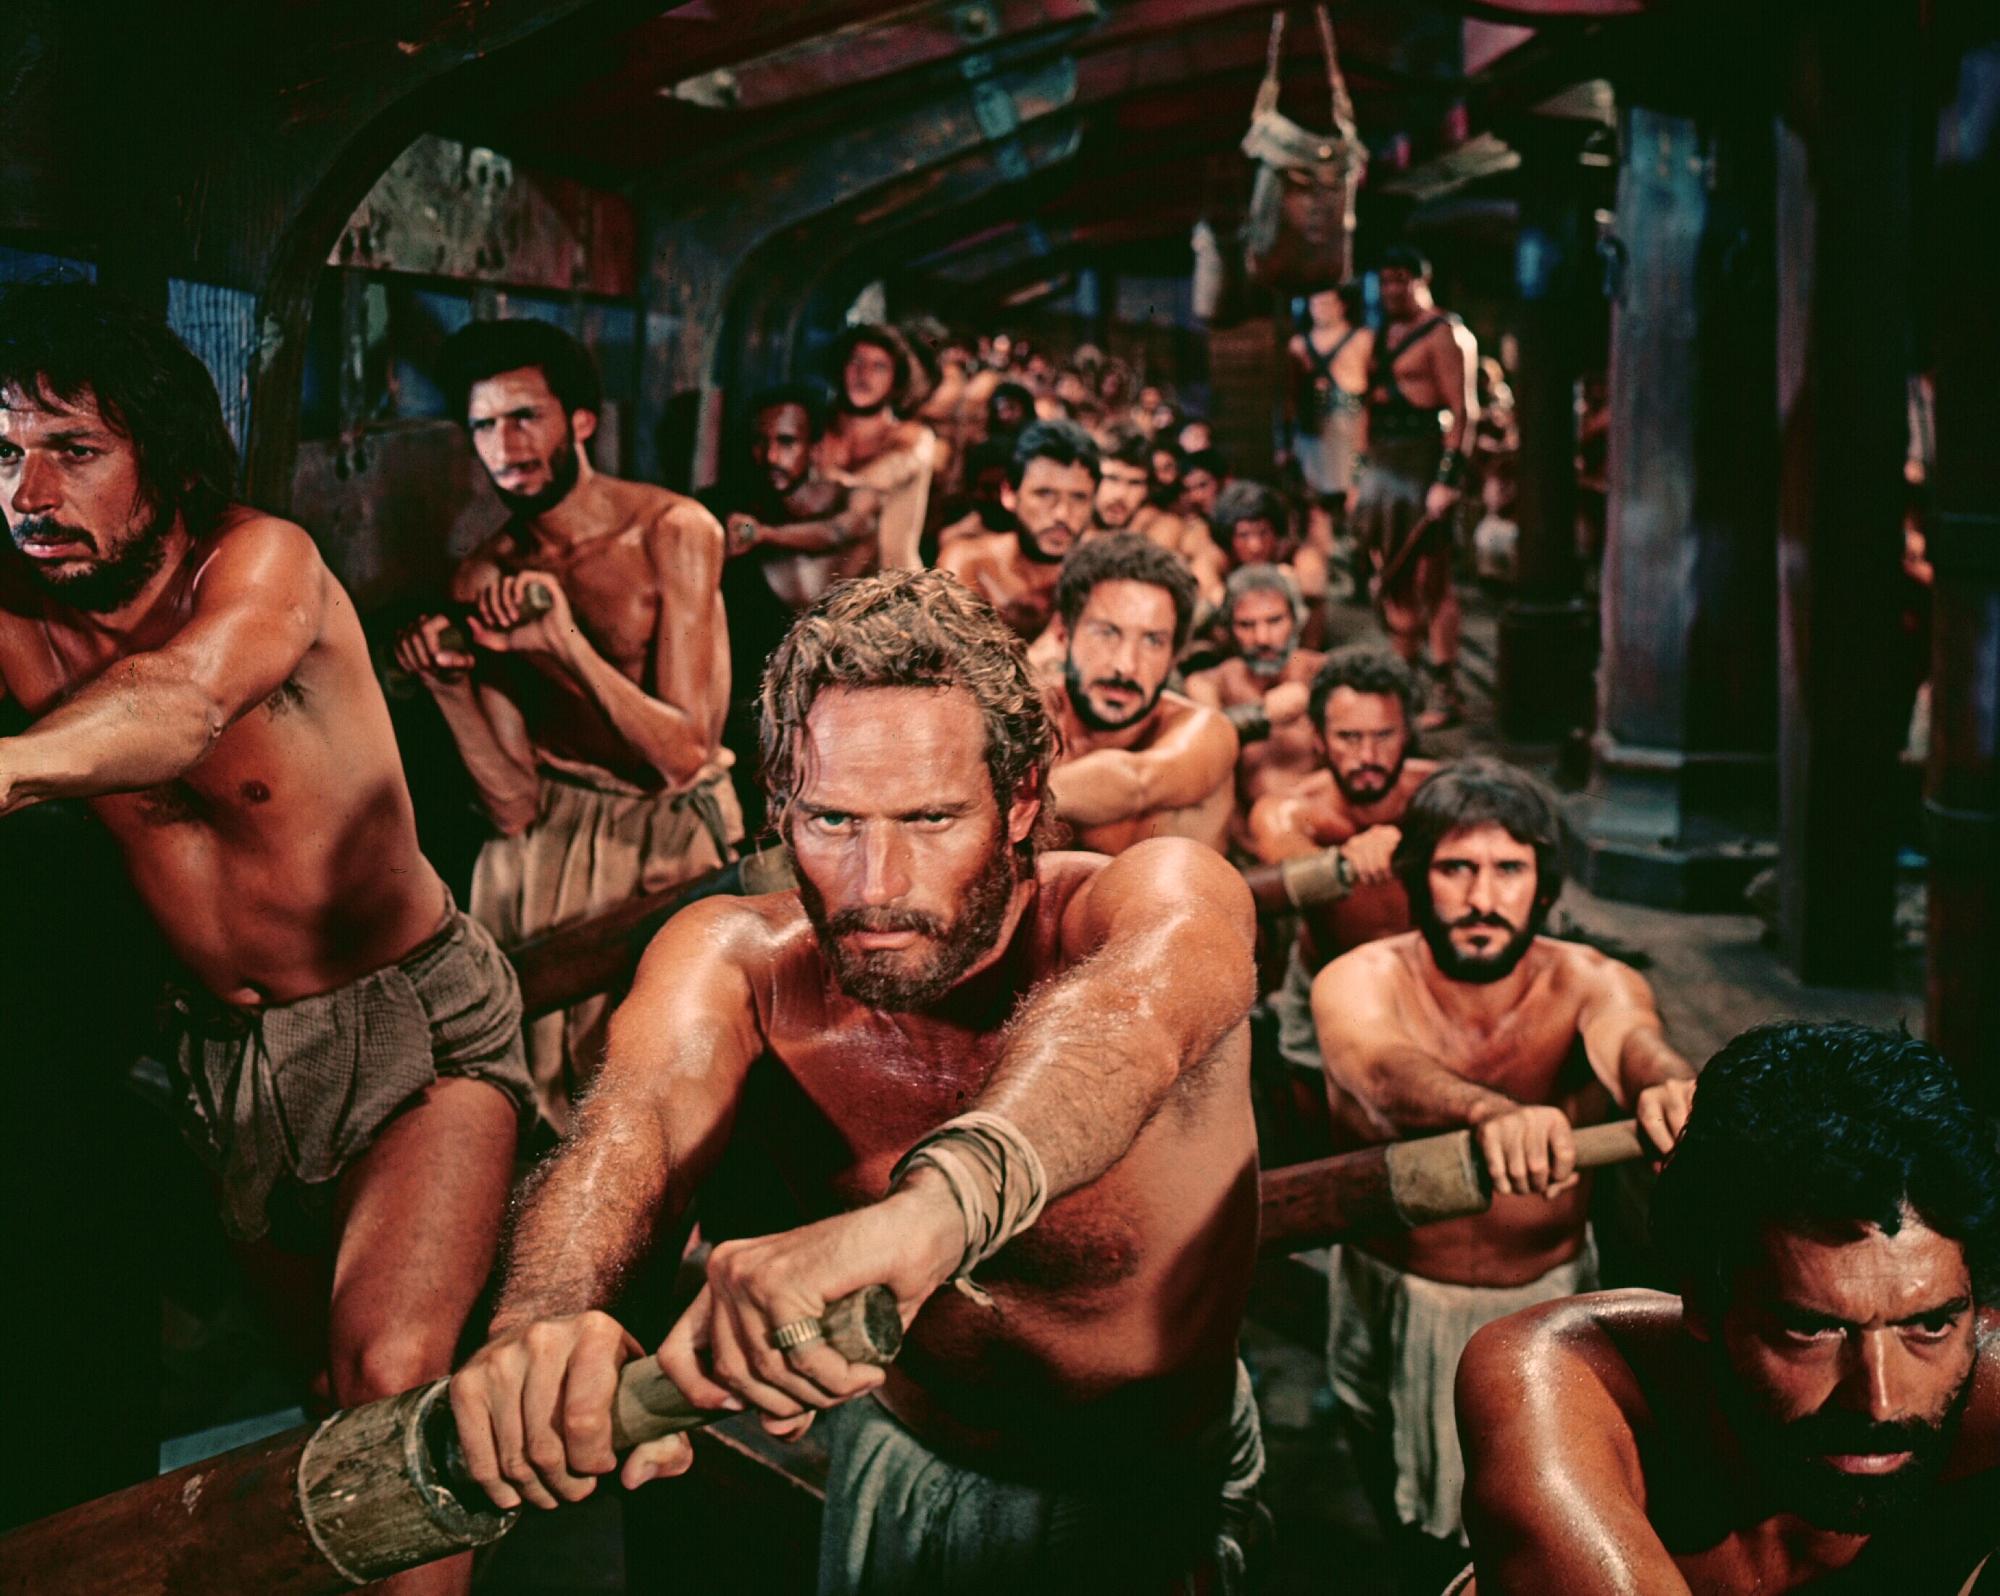 Смотреть онлайн рабыни по неволе 14 фотография